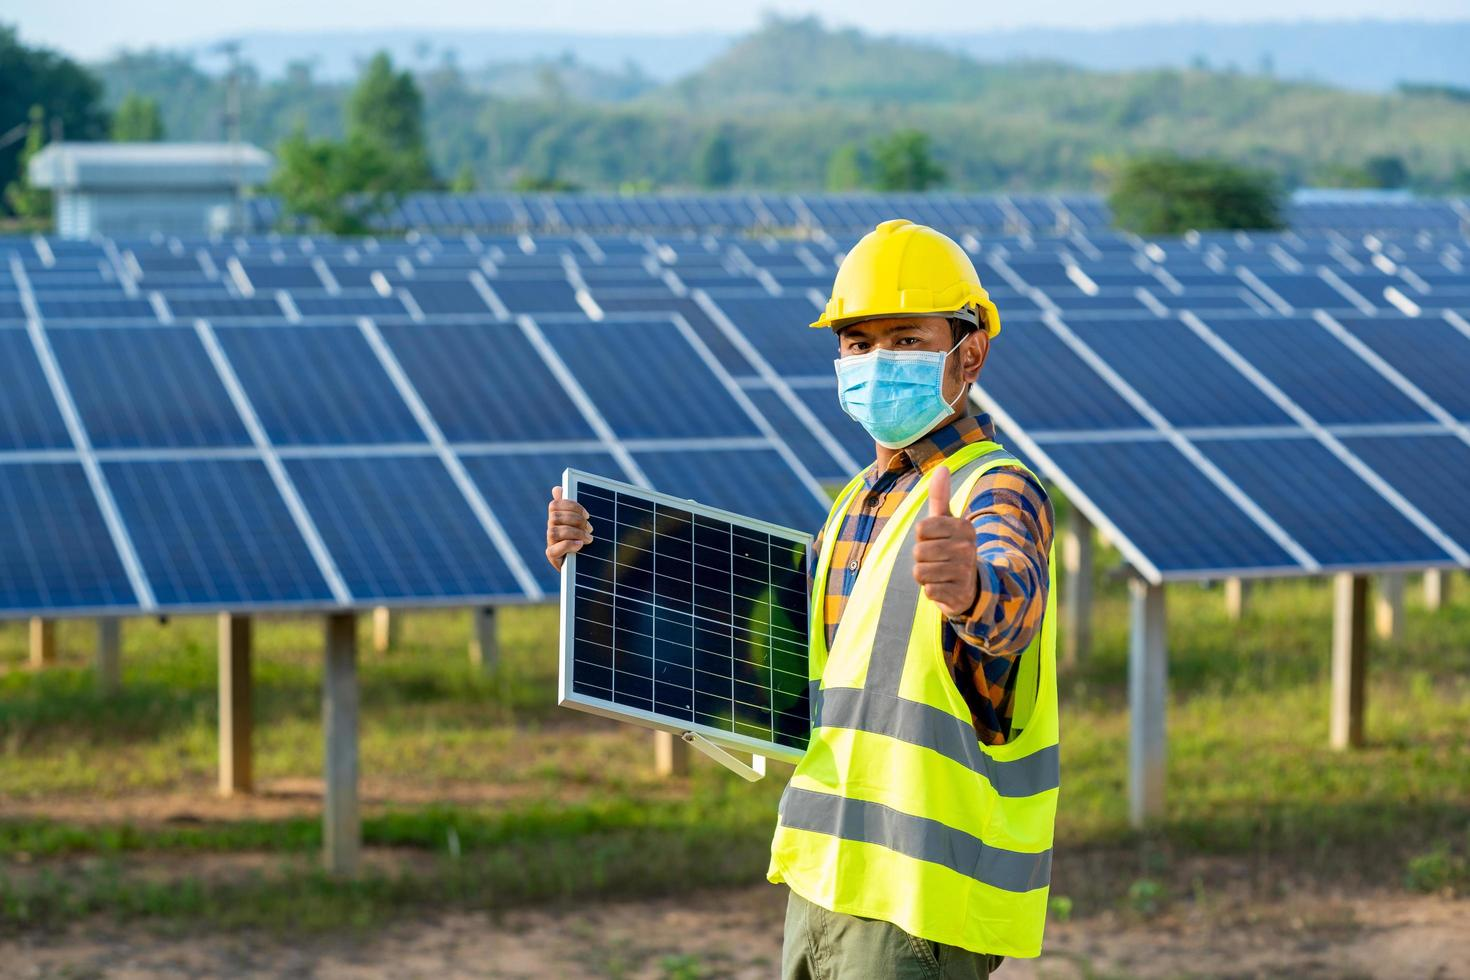 man met veiligheidsuitrusting met zonnepanelen foto